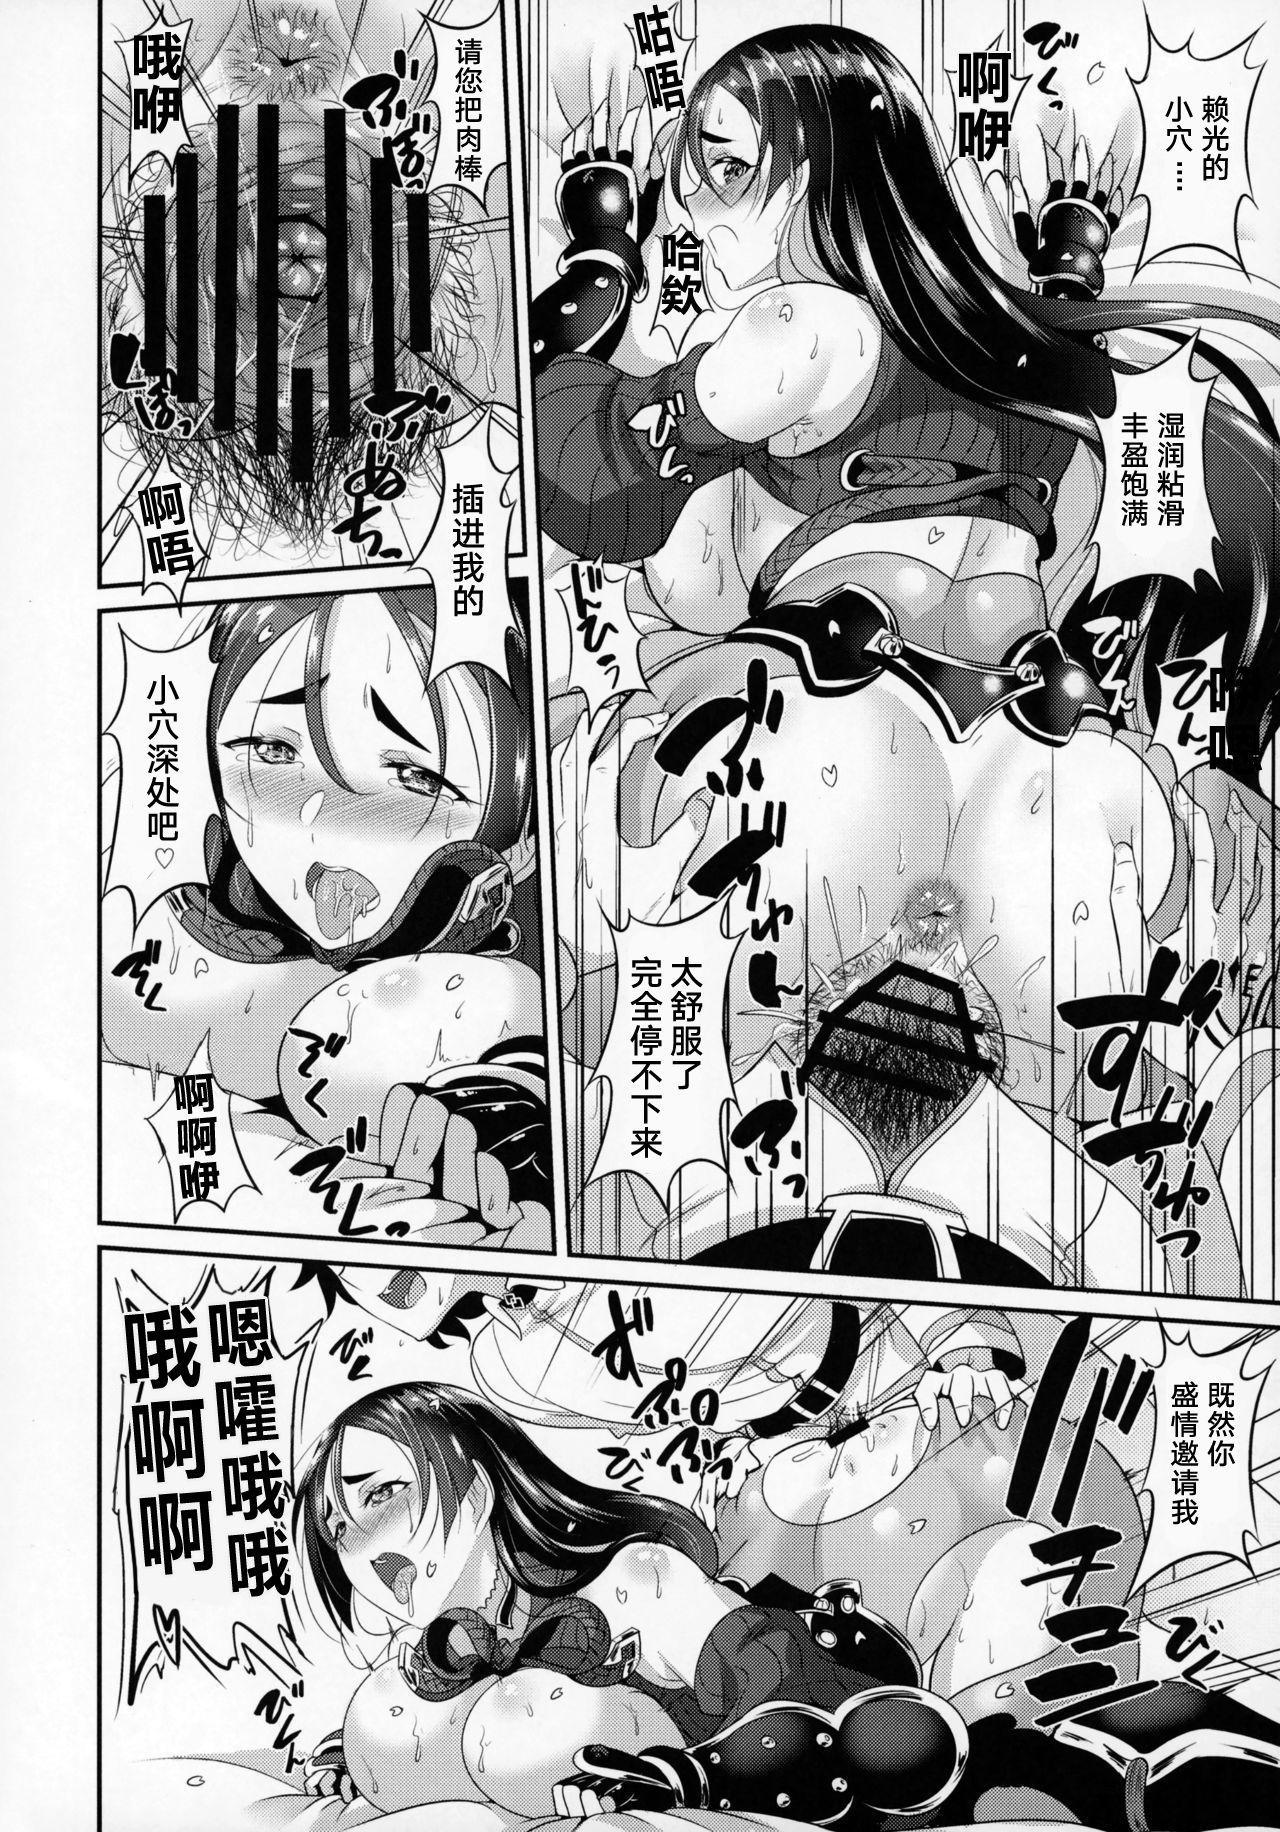 Sakura Raikou Wakame Zake 12